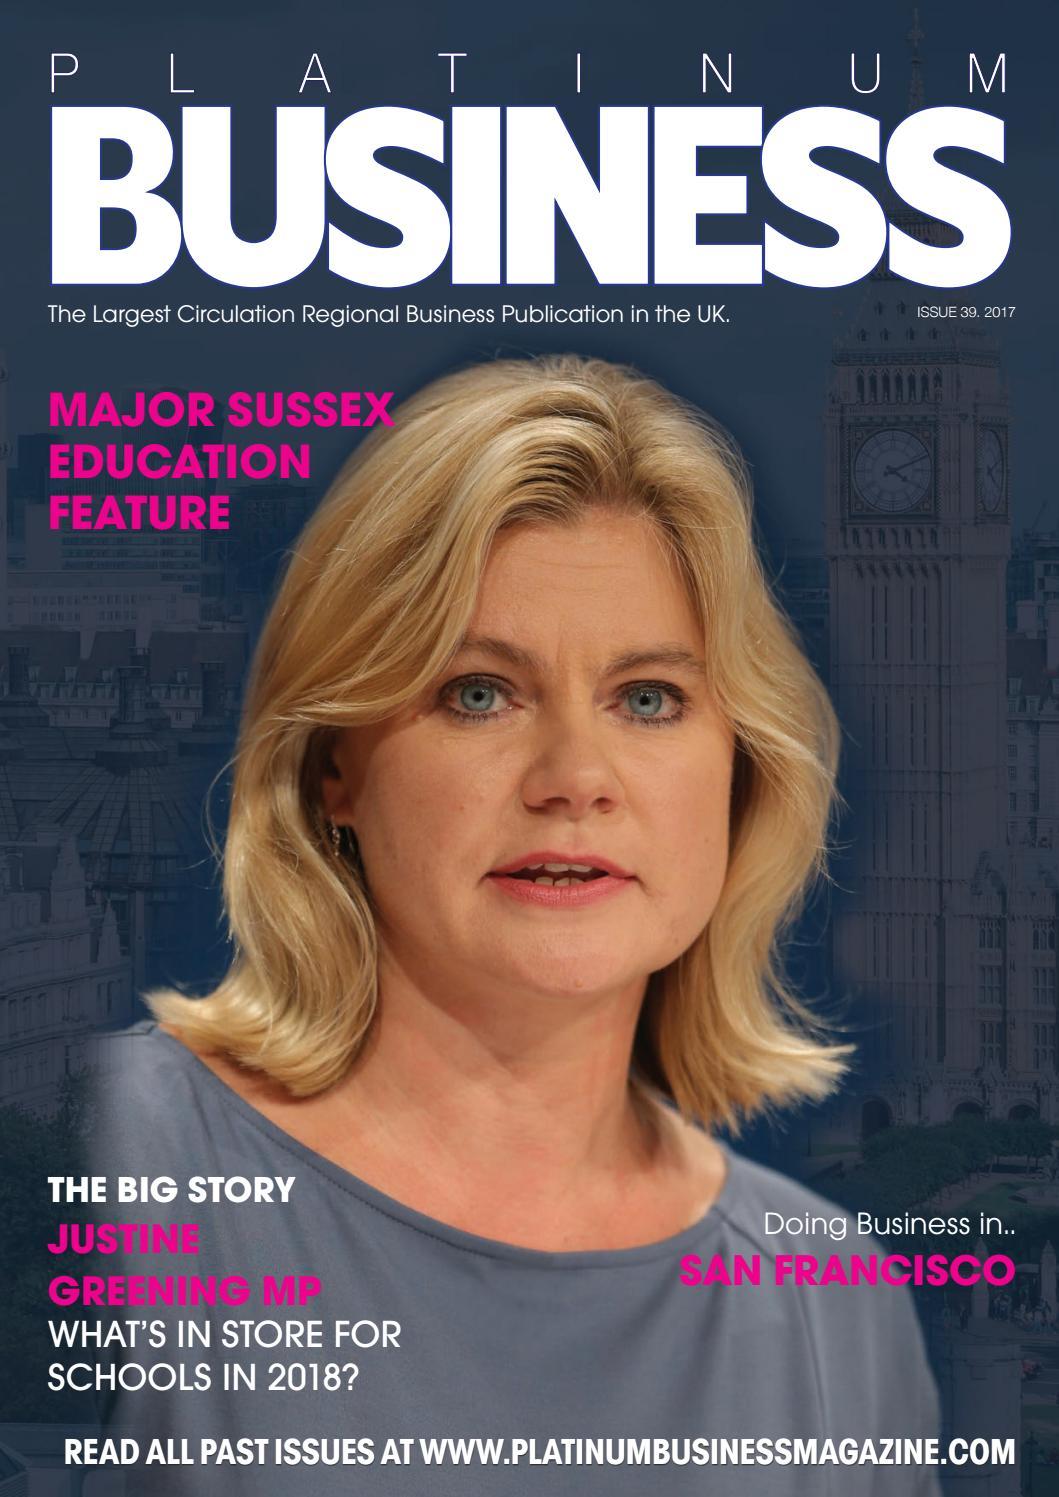 Platinum Business Magazine - issue 39